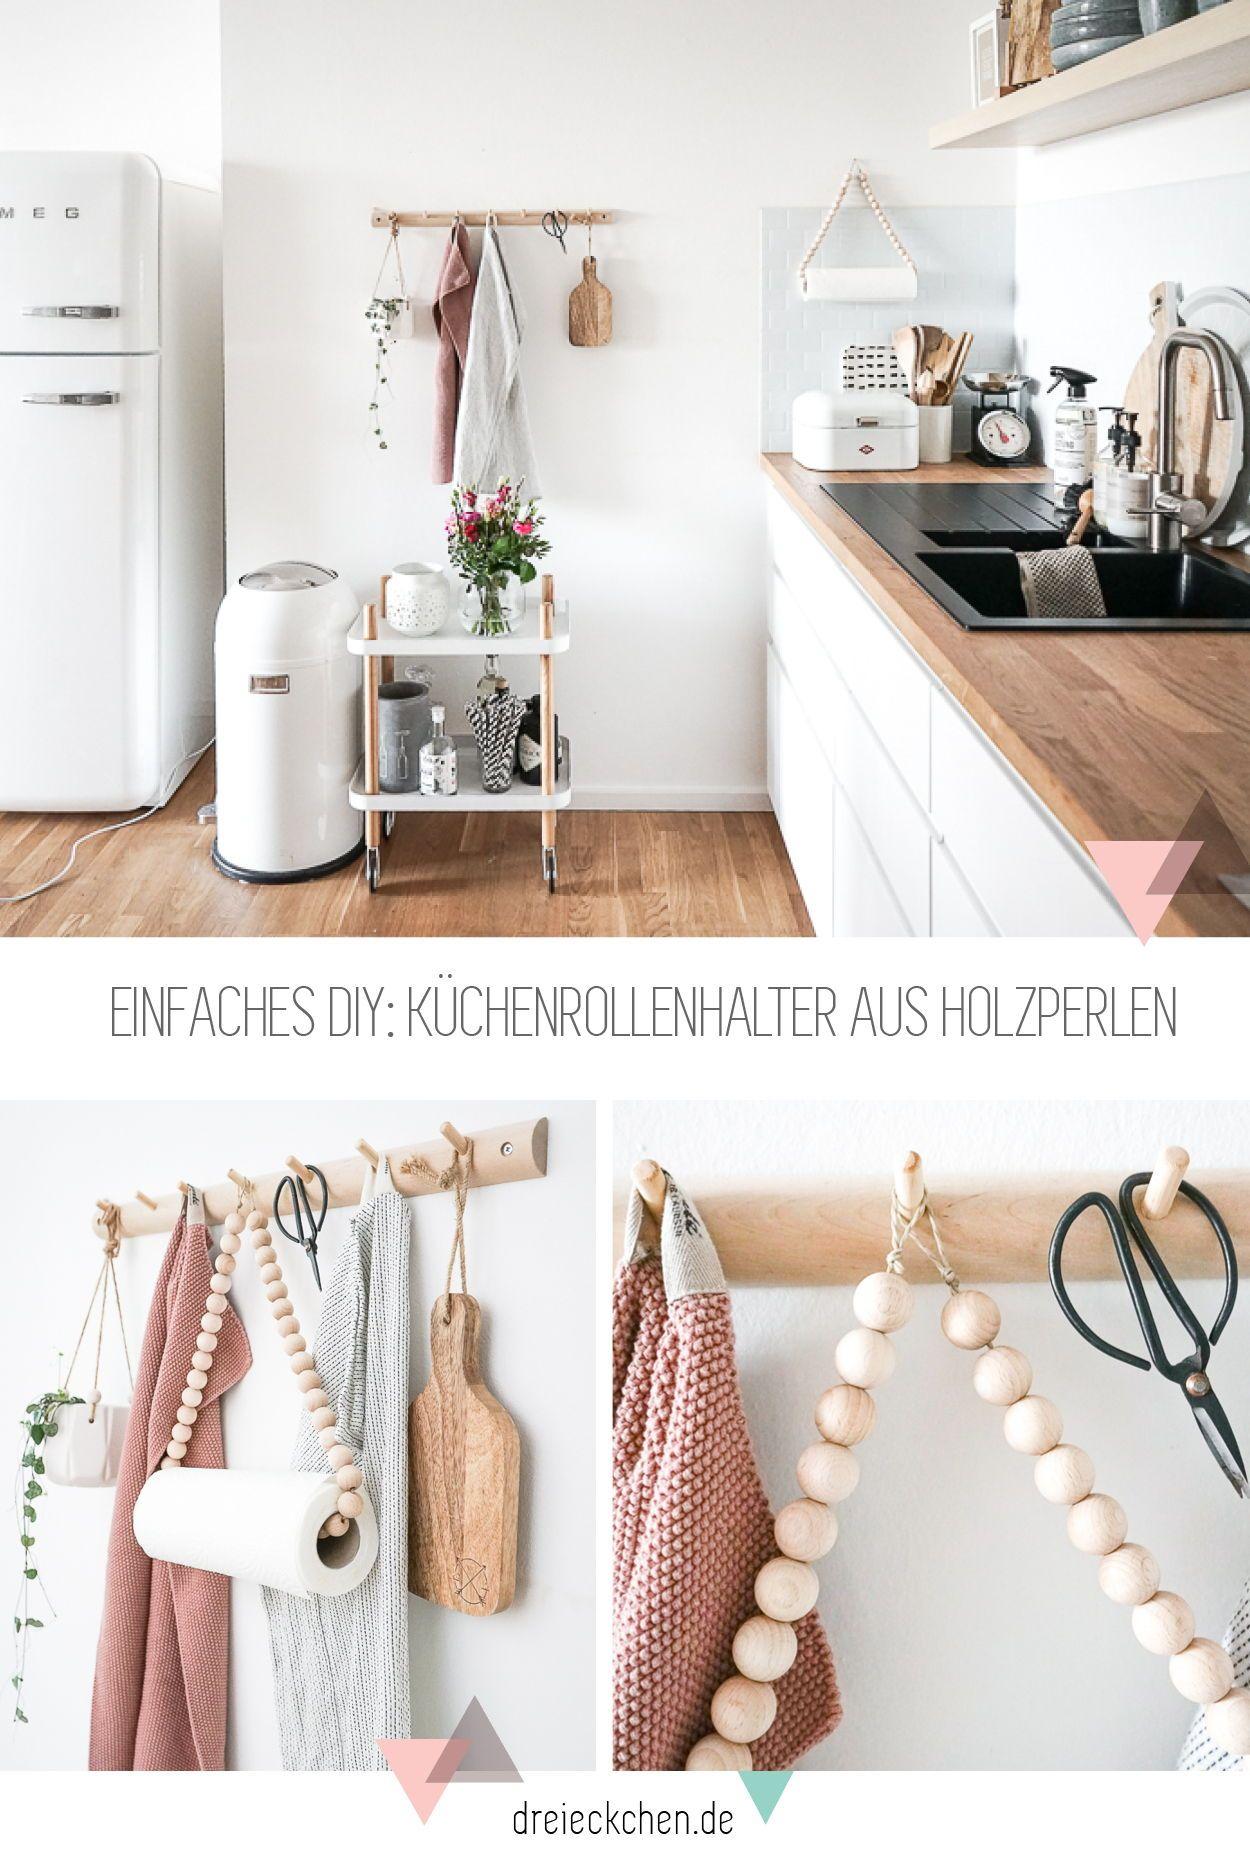 Photo of Praktische Küchenhelfer – DIY Ideen für Küchenrollenhalter, Untersetzer und Handtuchhalter #dreimalanders › dreieckchen – Lifestyle Blog #dreimalanders